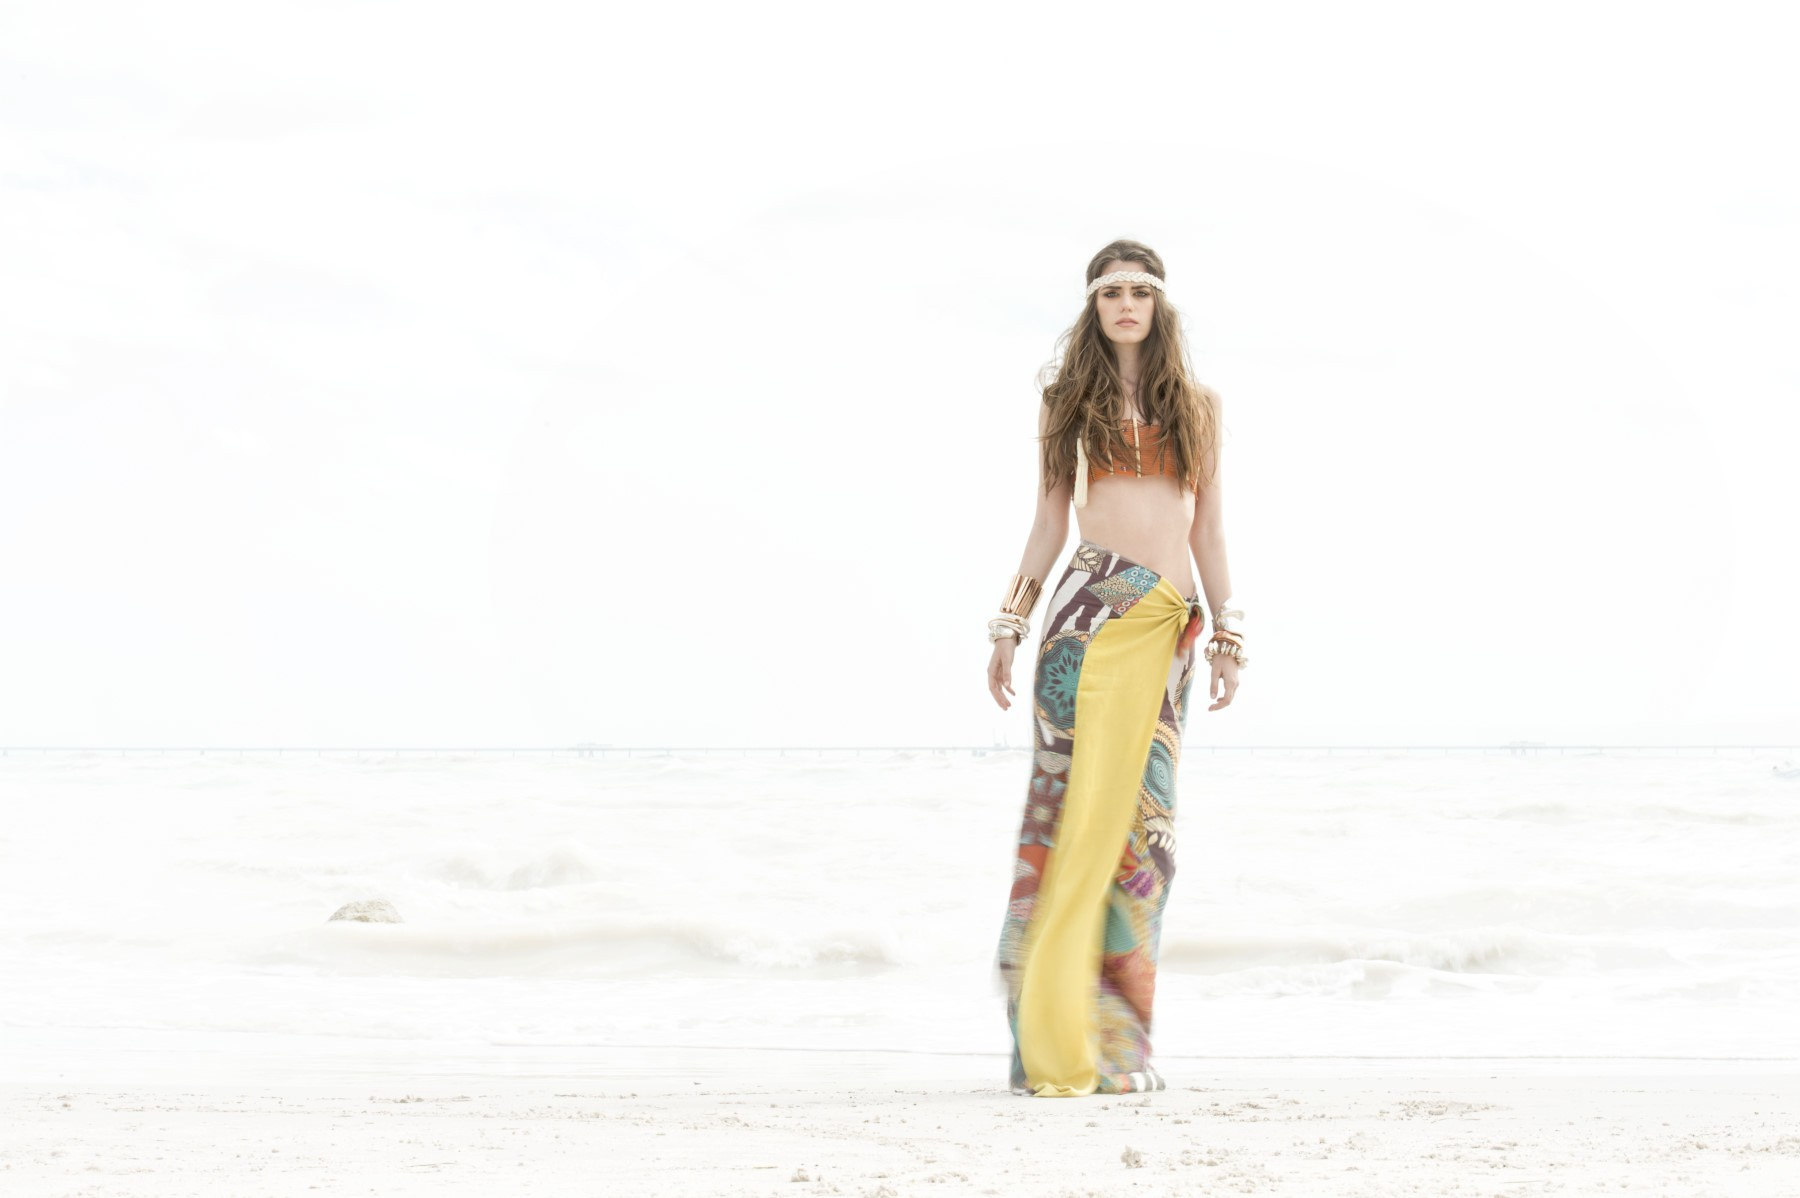 ROP70_052_editoriale Fashion/Adv